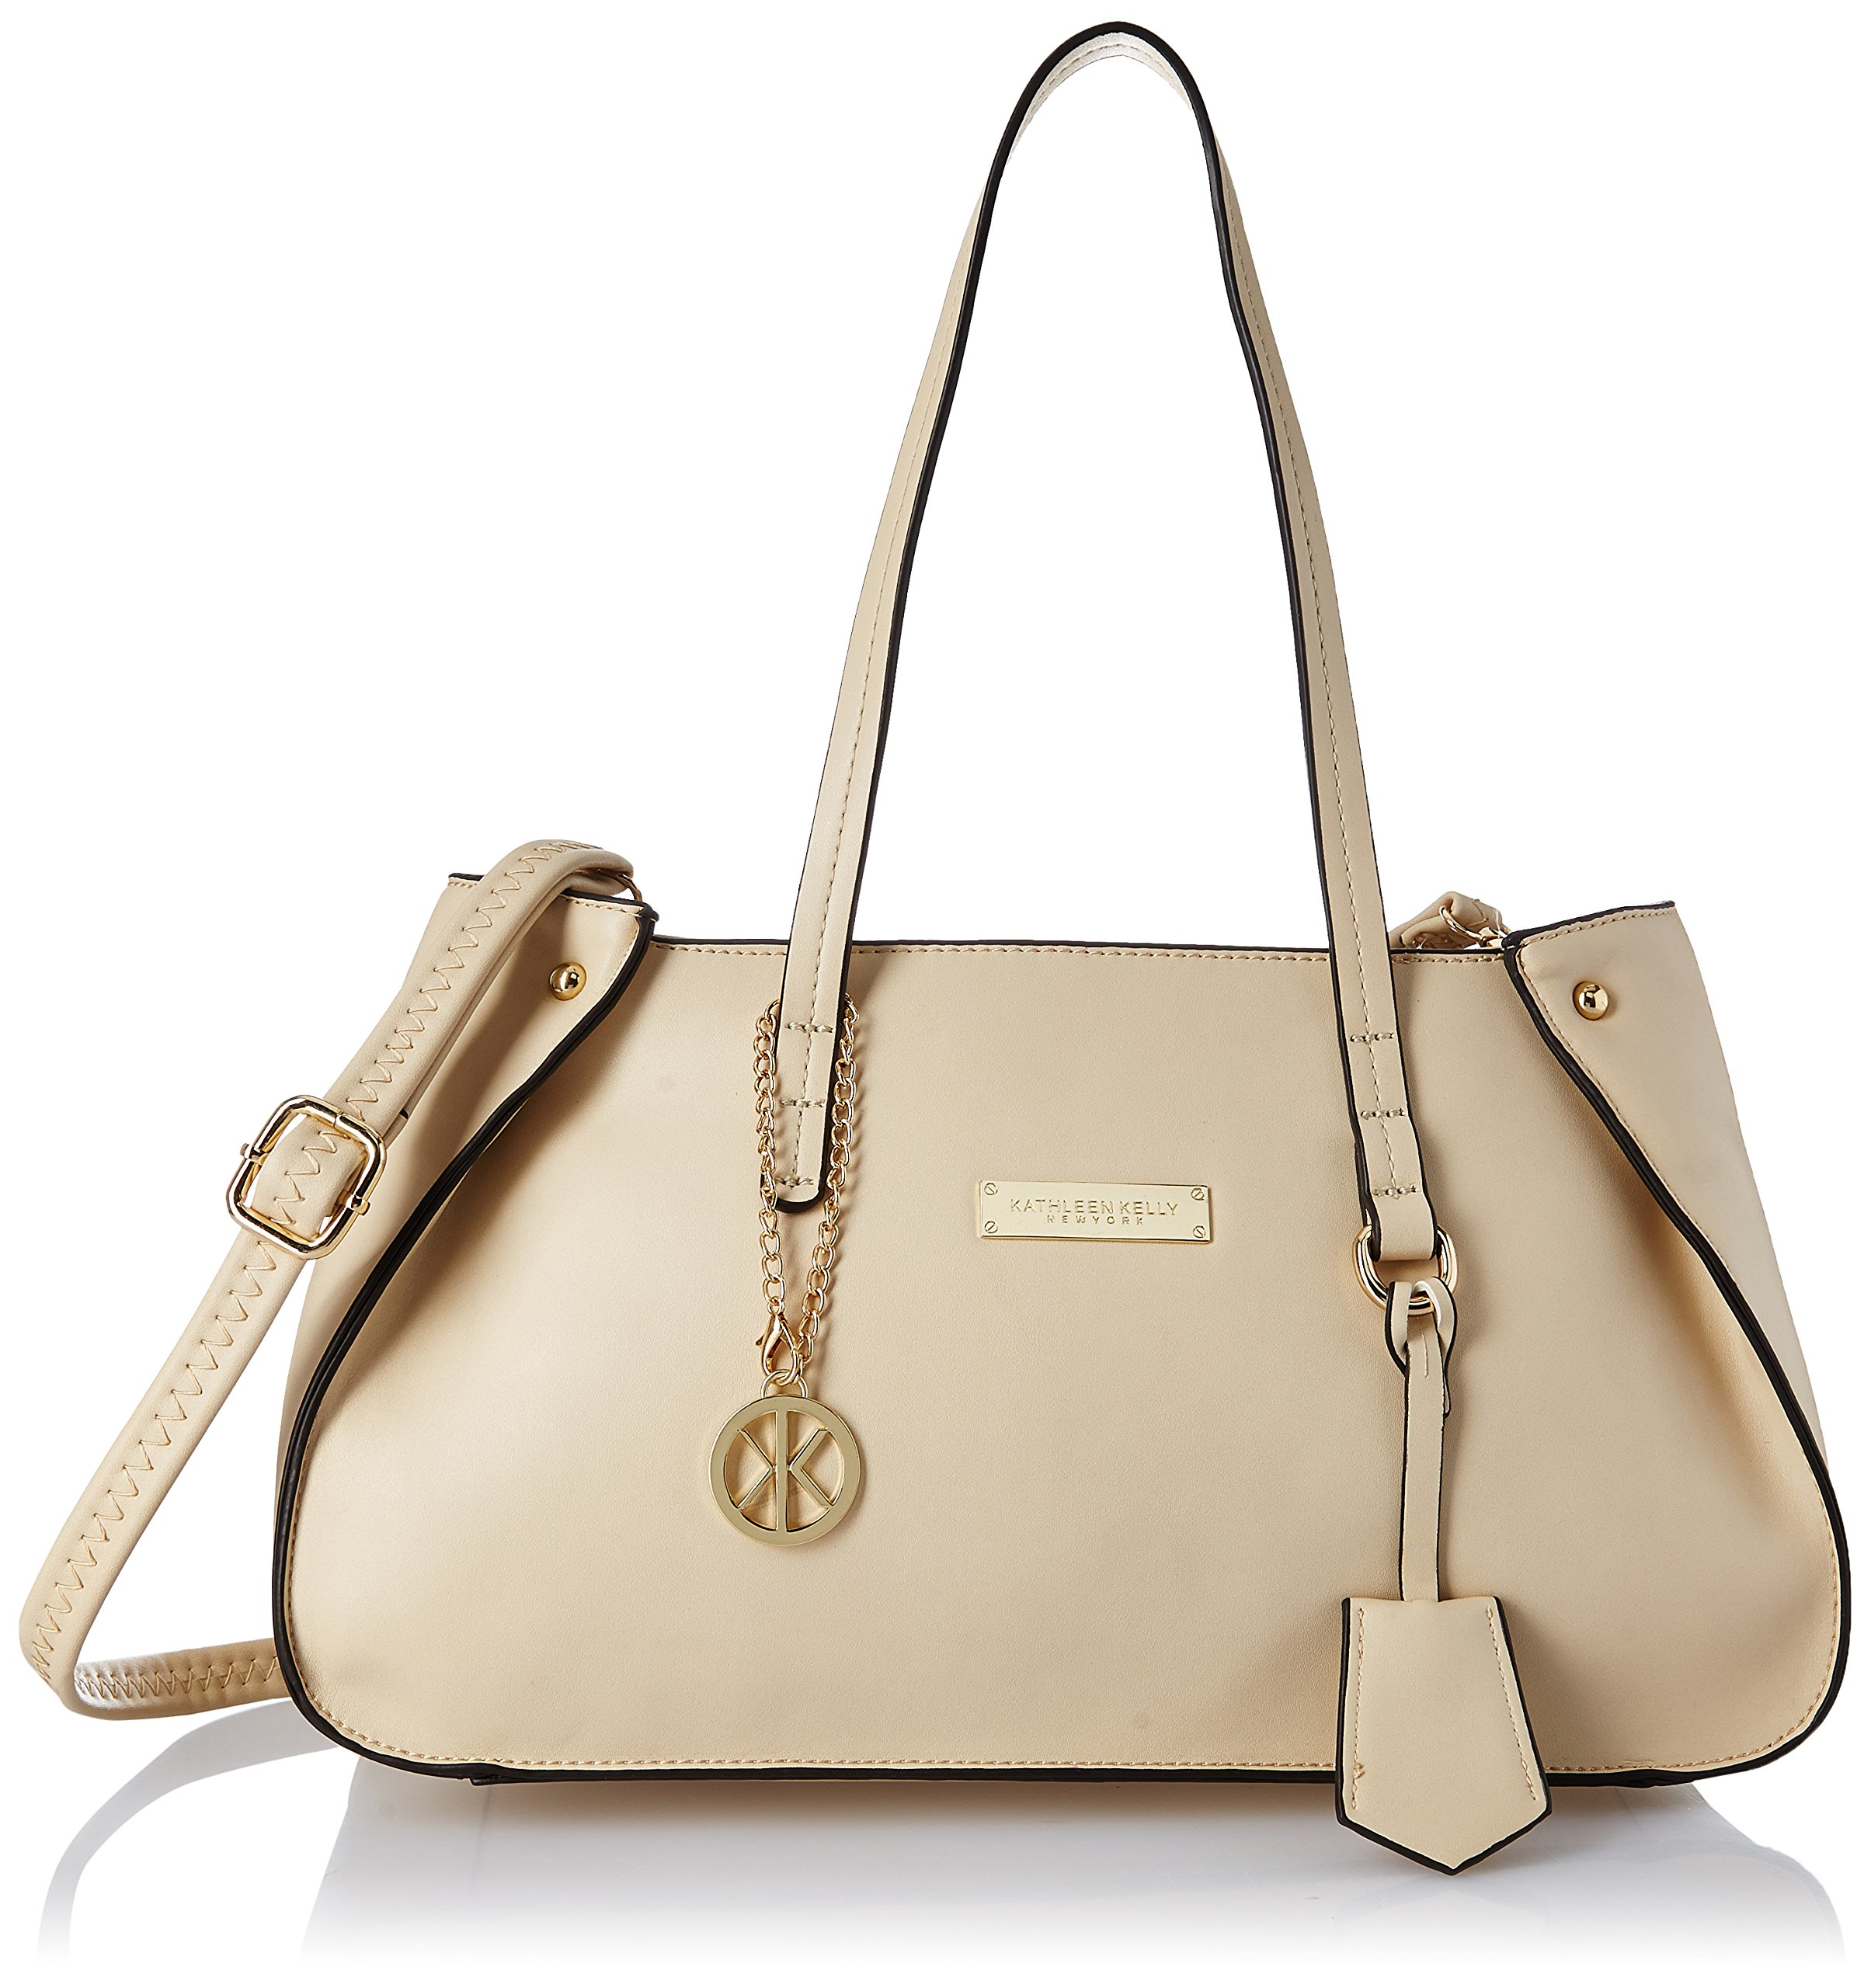 Kathleen Kelly NY Women's Handbag (Linen White) (KK0010LW) product image